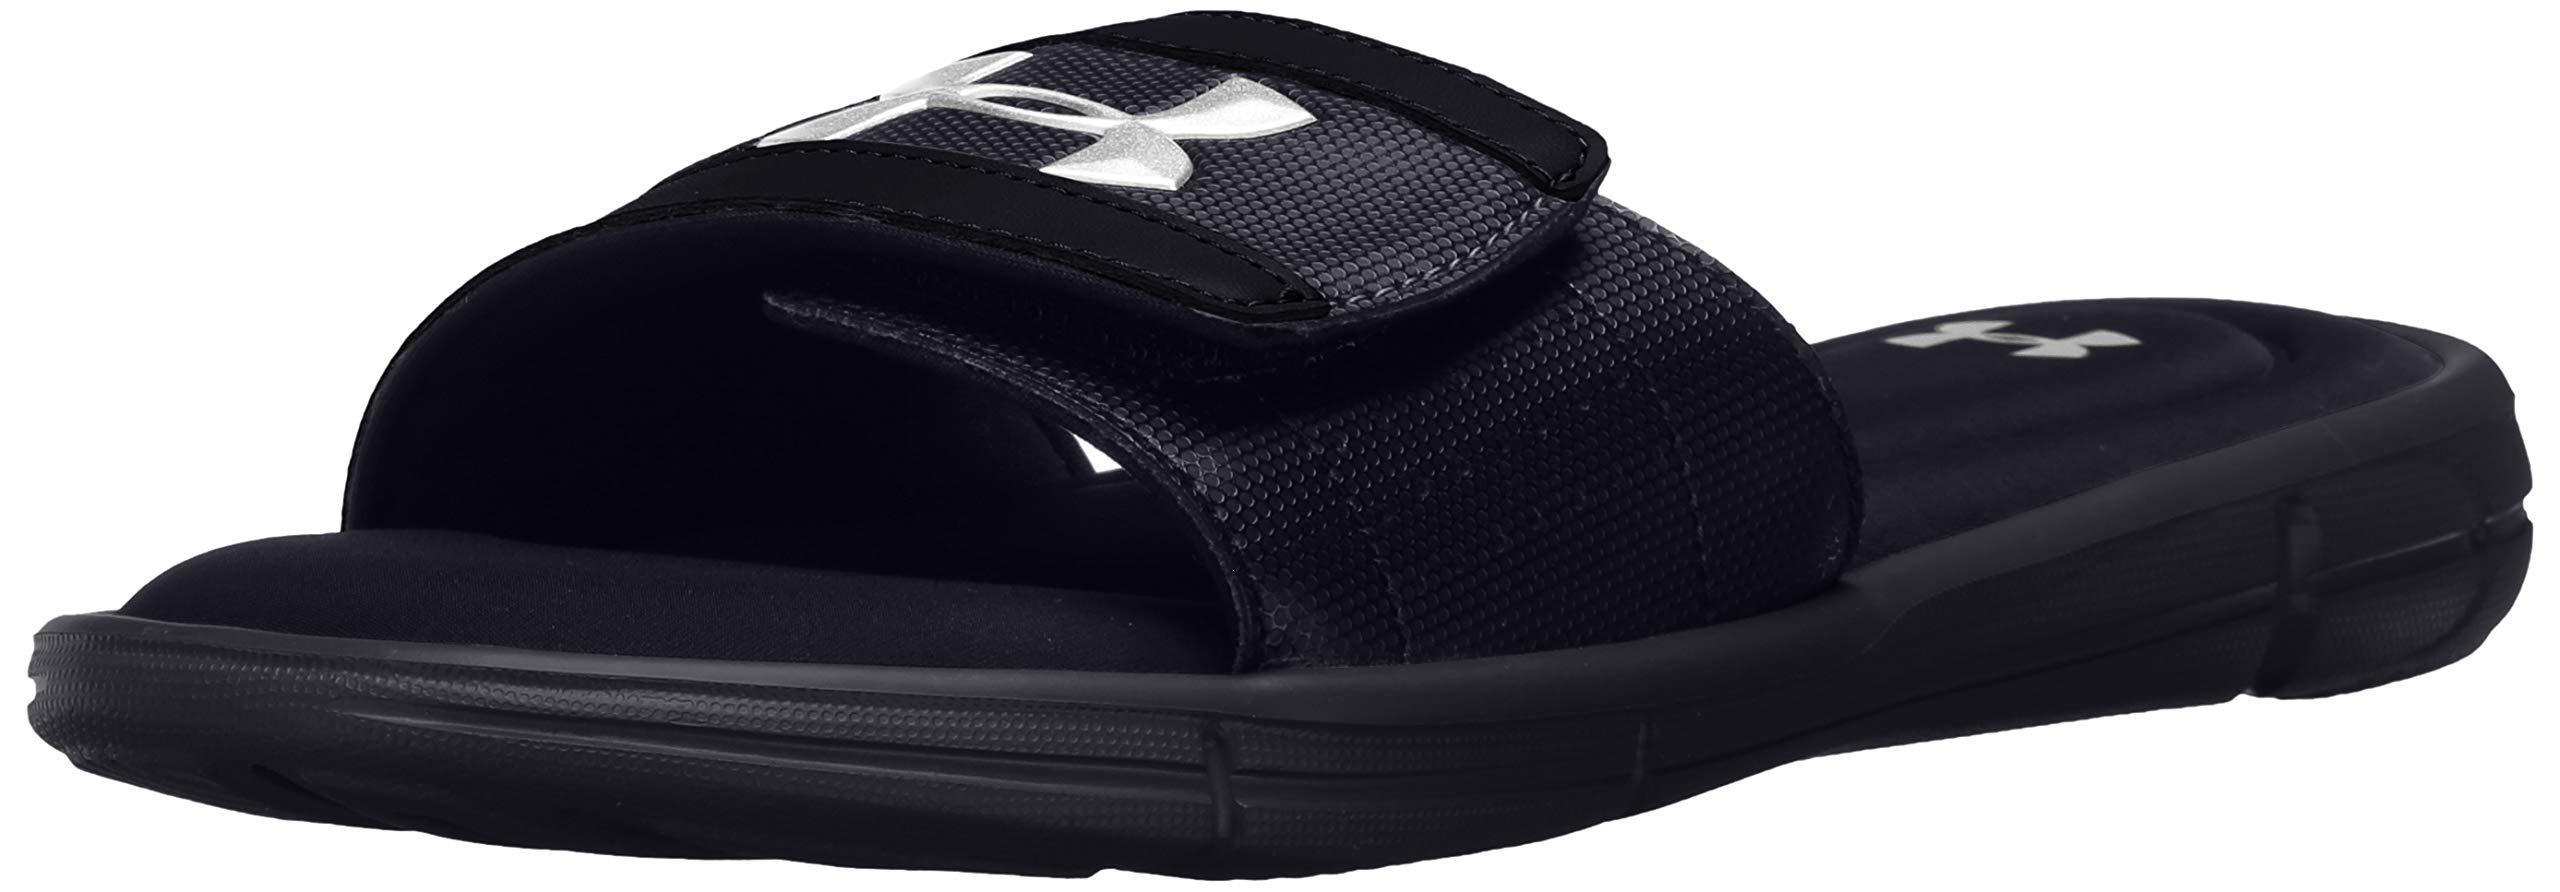 Under Armour Men UA M Ignite V SL Beach /& Pool Shoes